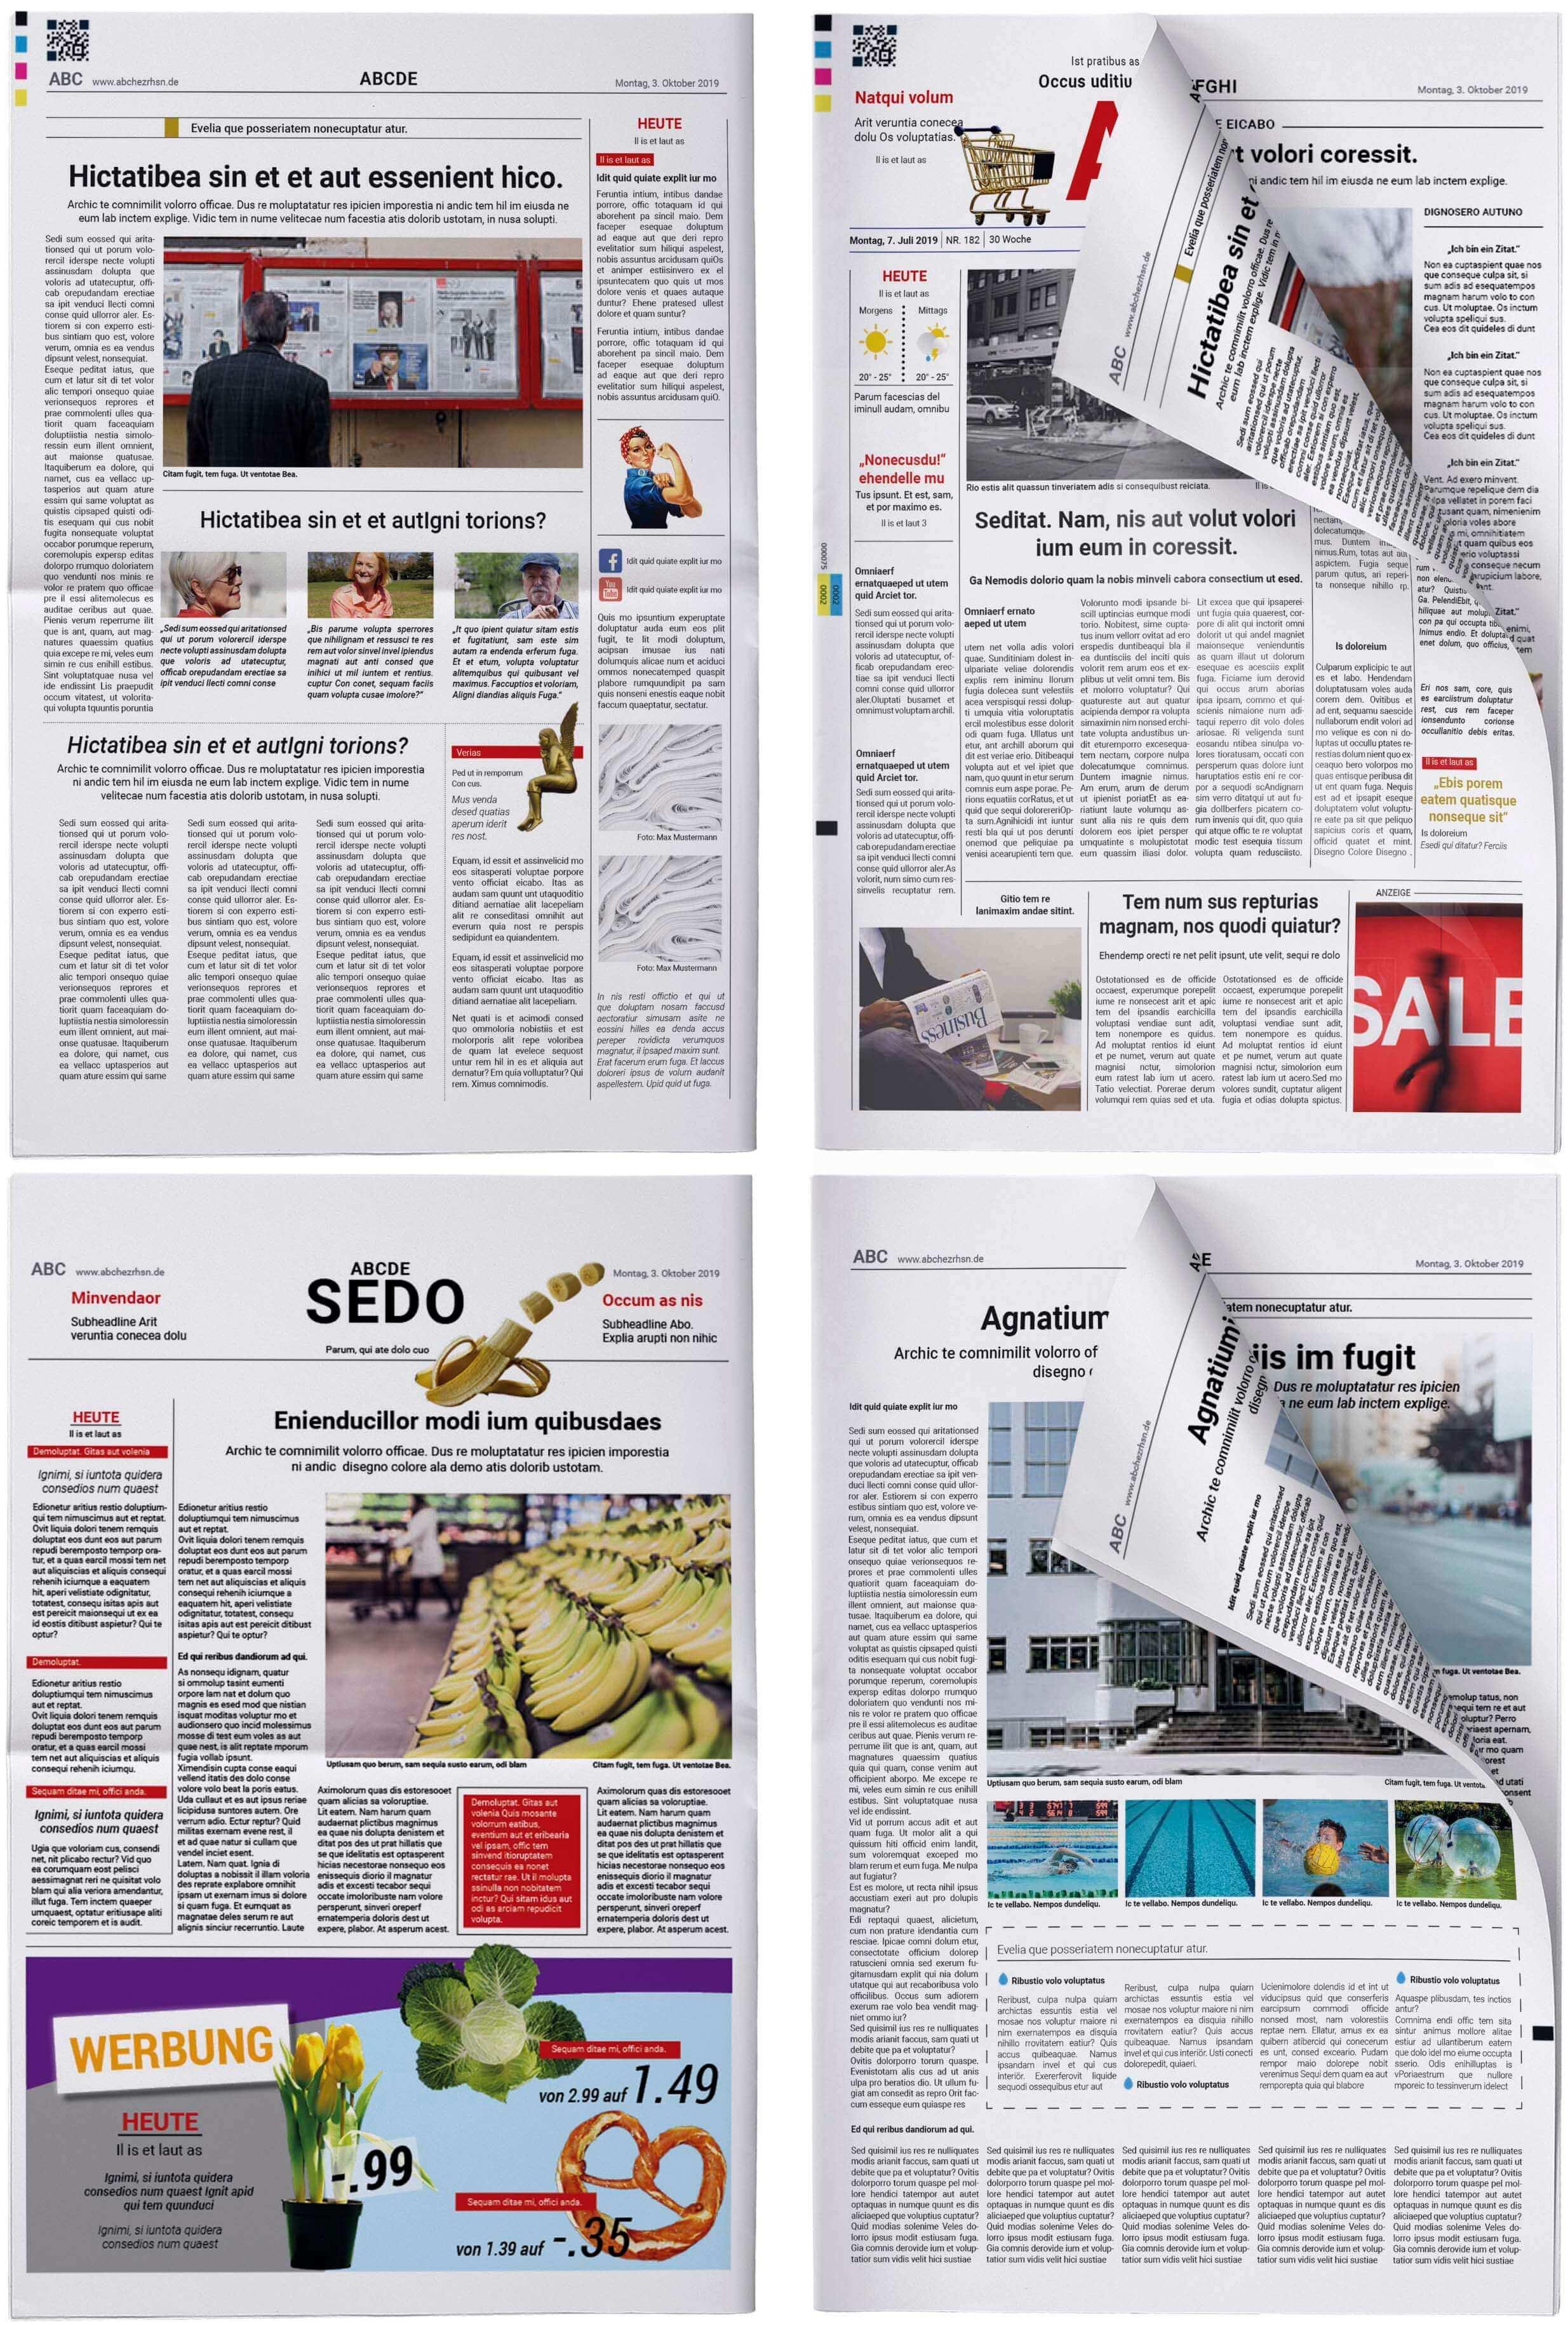 Beispielhafter Aufbau einer Fake Zeitung im Stil einer Tageszeitung